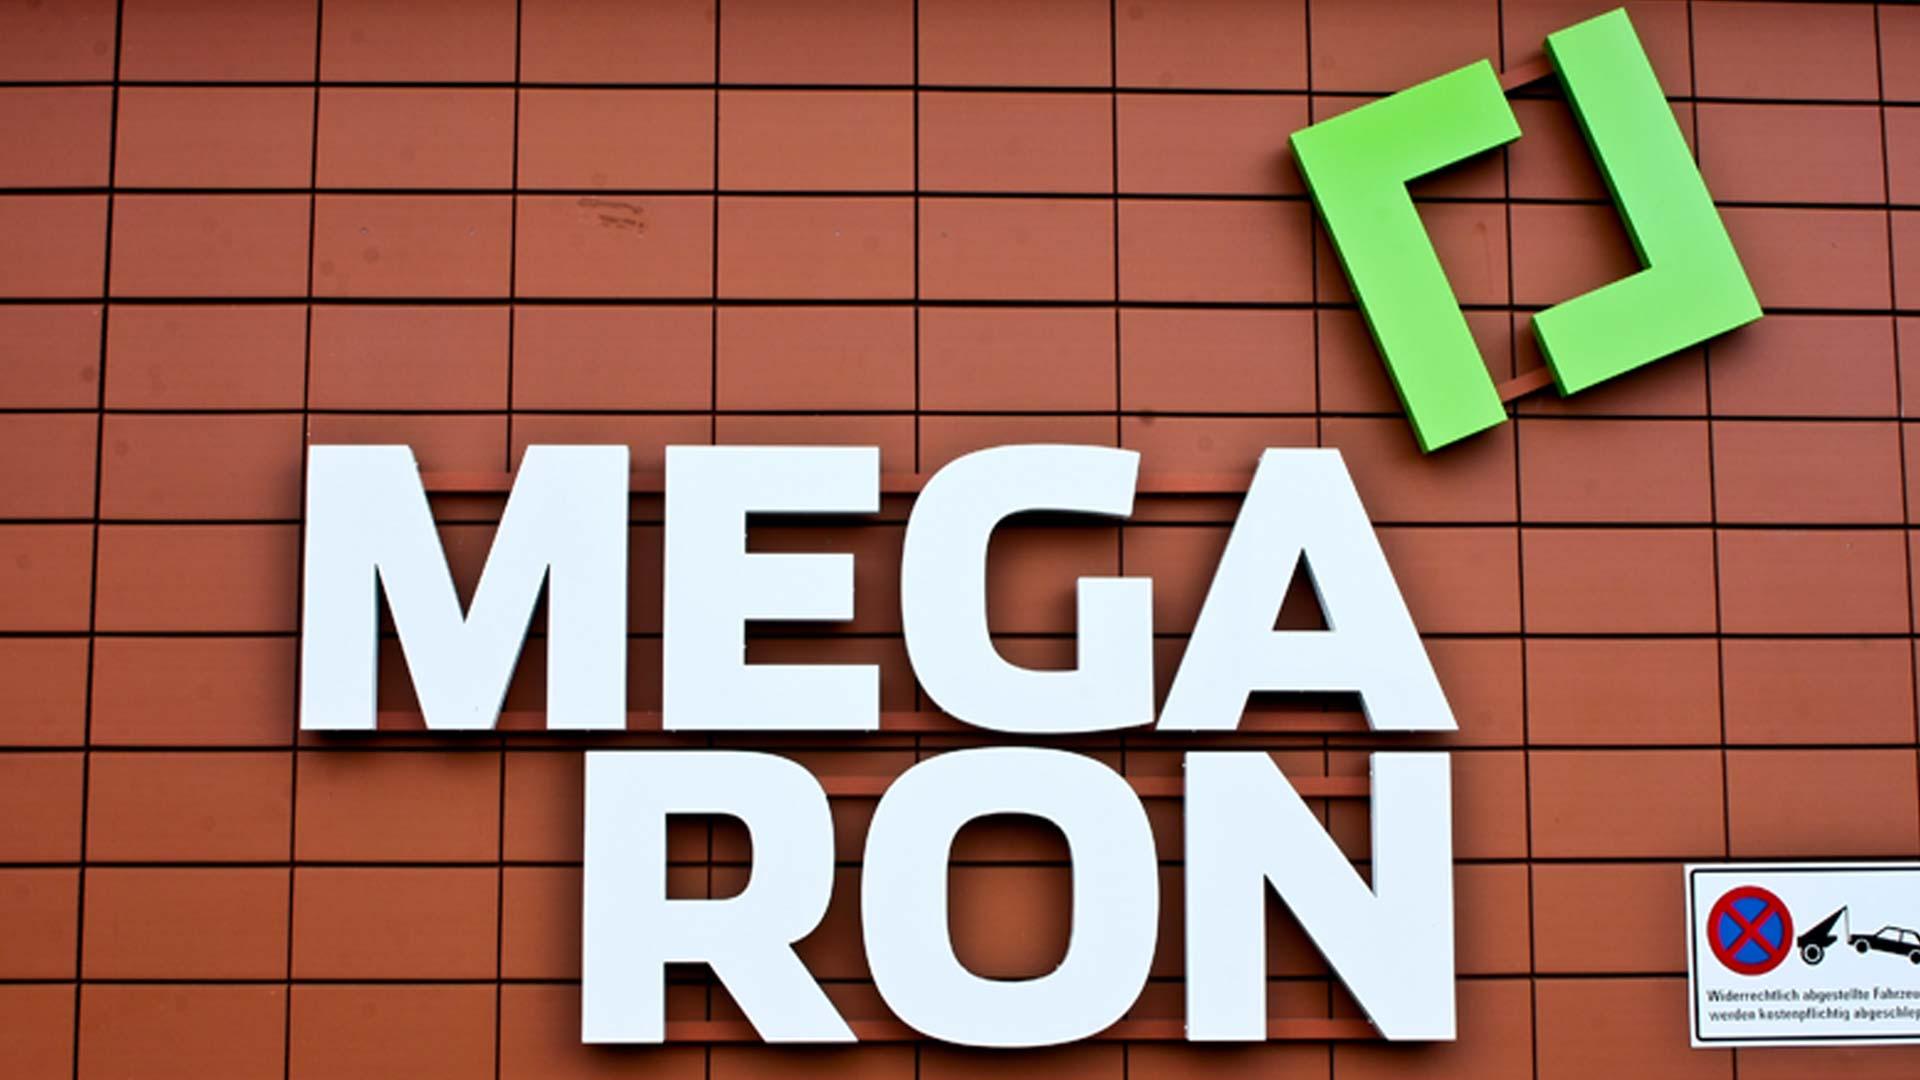 MAASS-Lichtplanung_Branding für das Objekt Megaron__MAASS-MEGARON-001